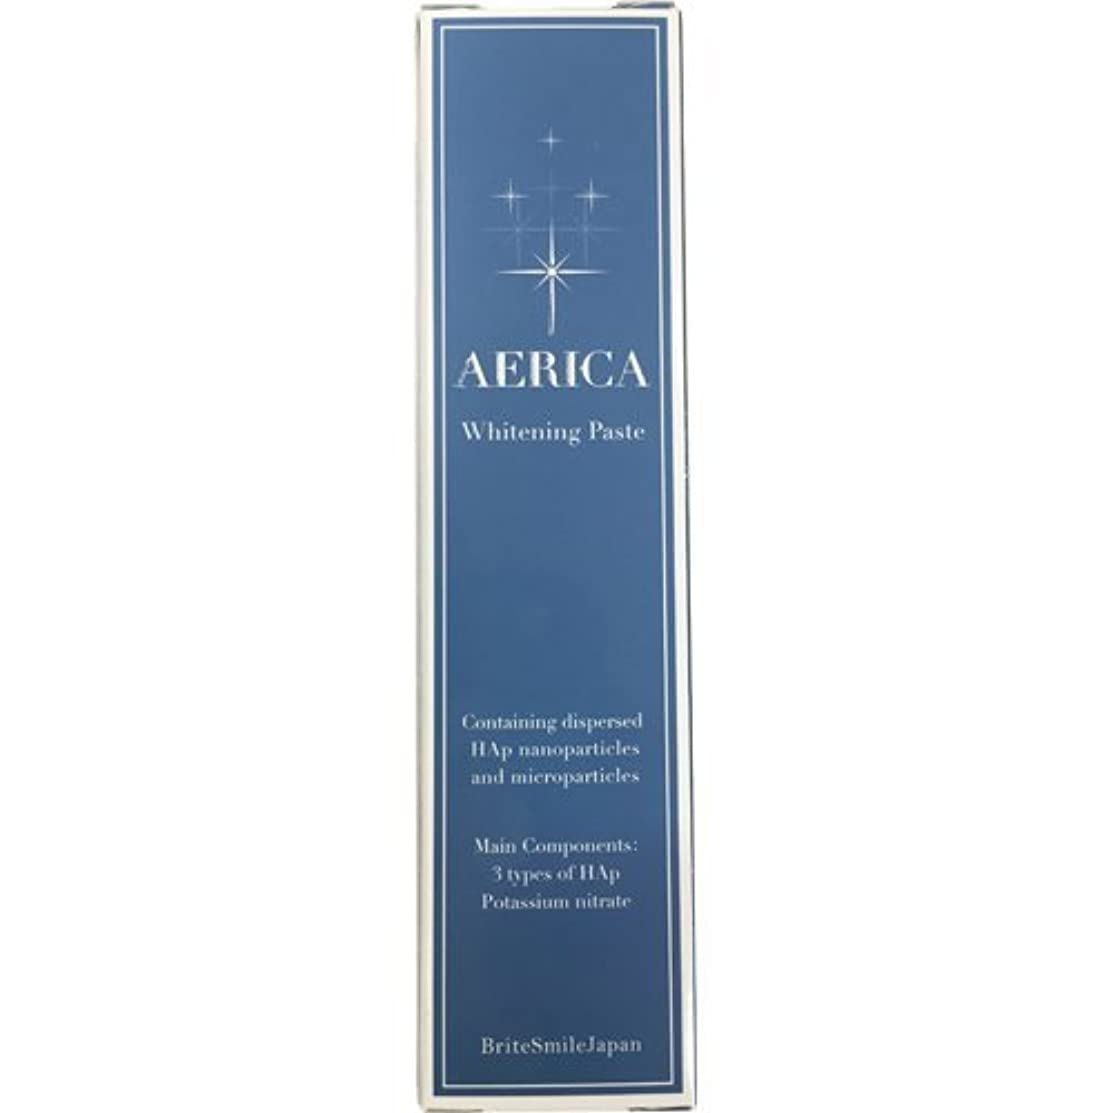 小売エール節約AERICA(エリカ) ホワイトニングペースト 30g